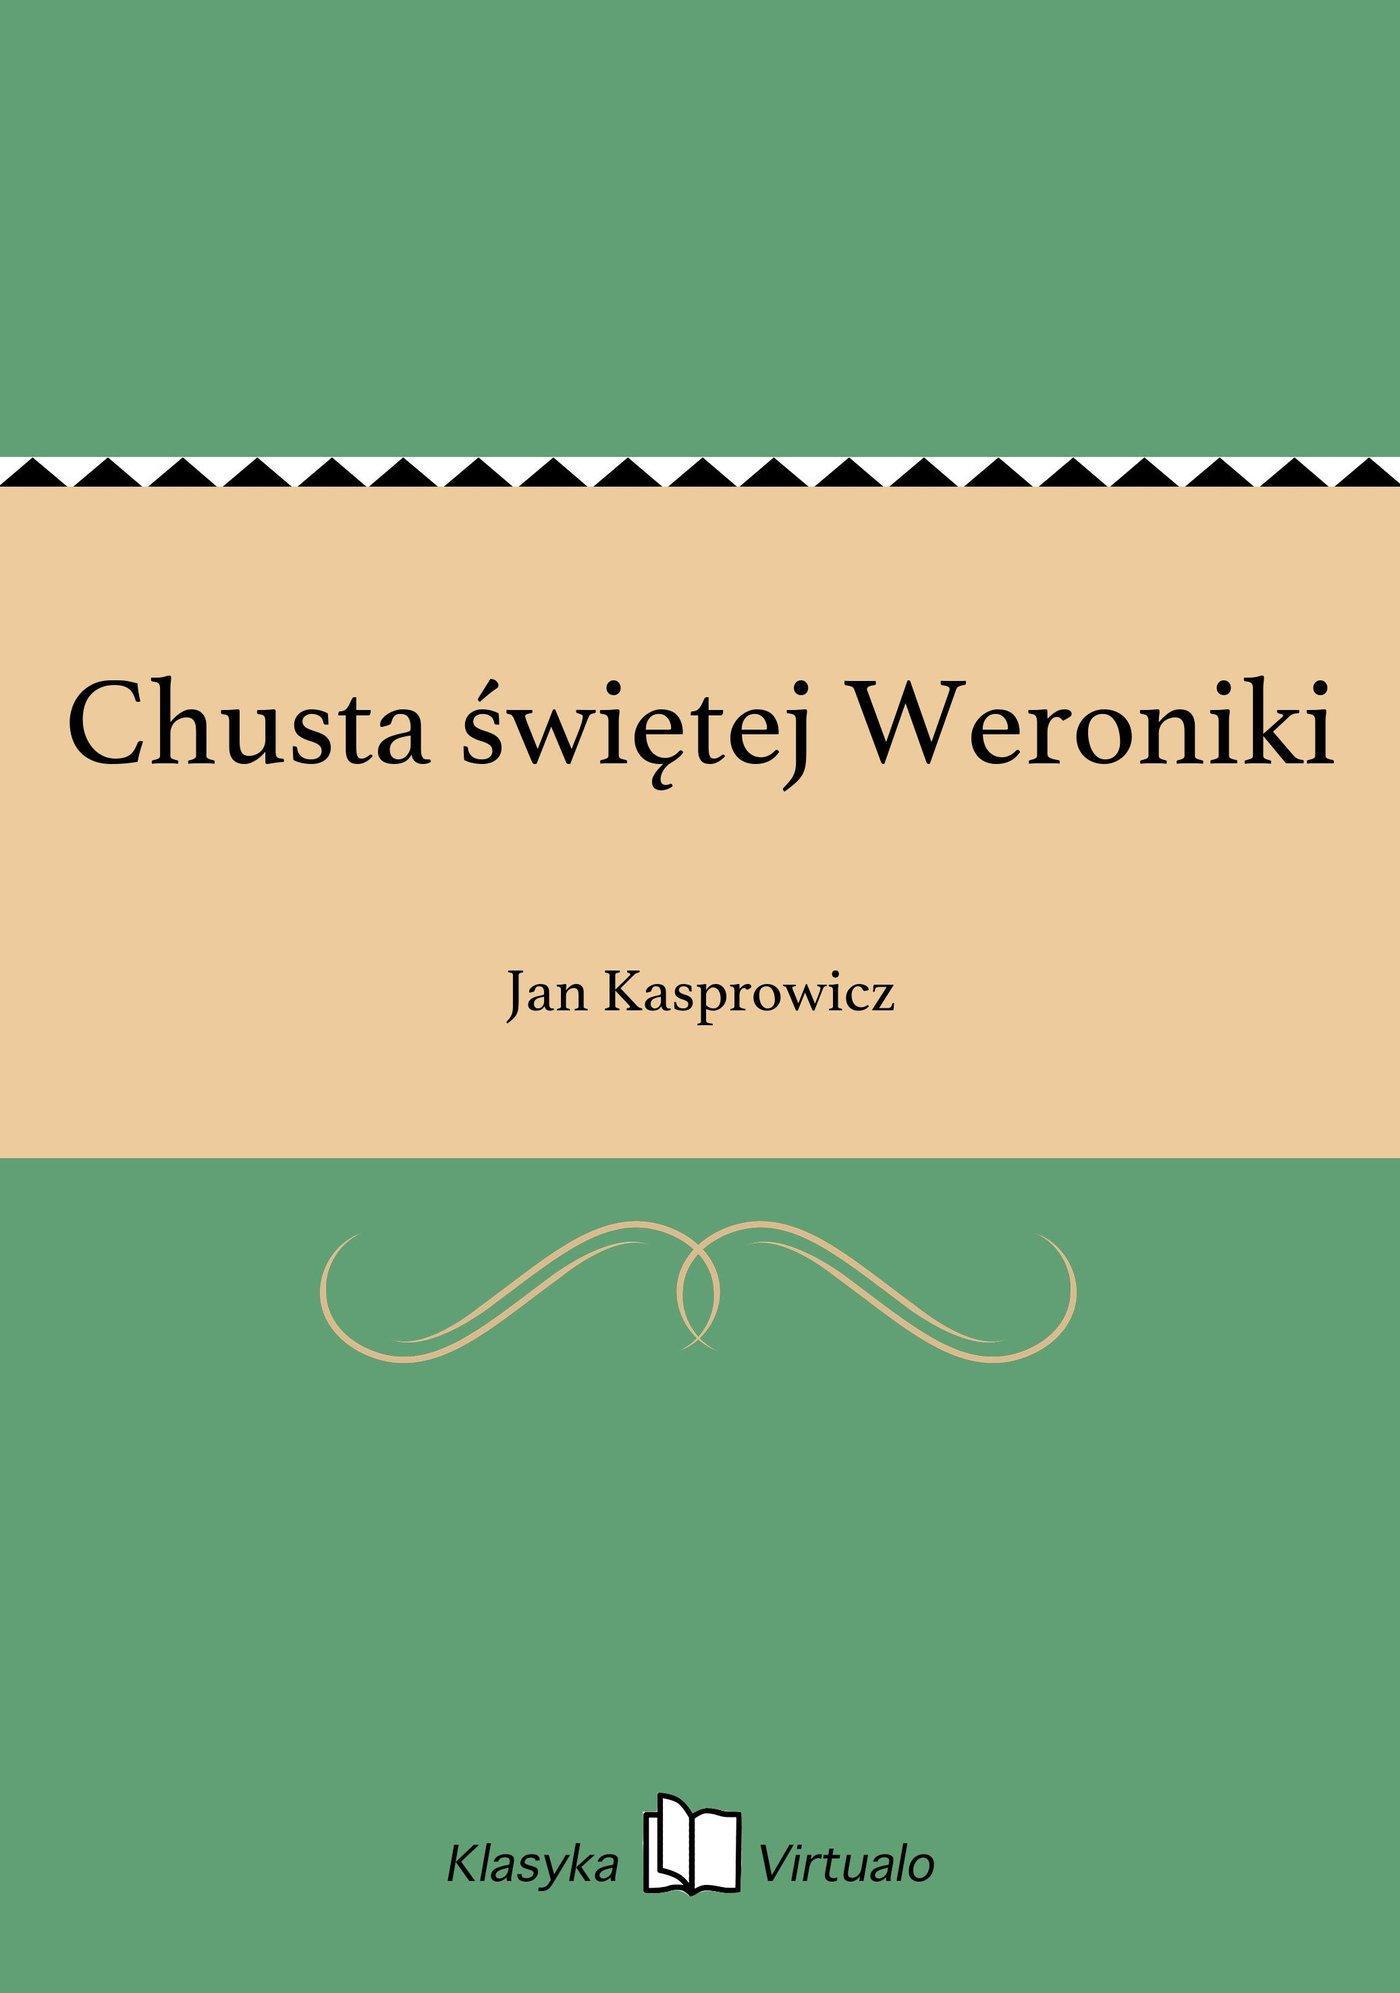 Chusta świętej Weroniki - Ebook (Książka EPUB) do pobrania w formacie EPUB